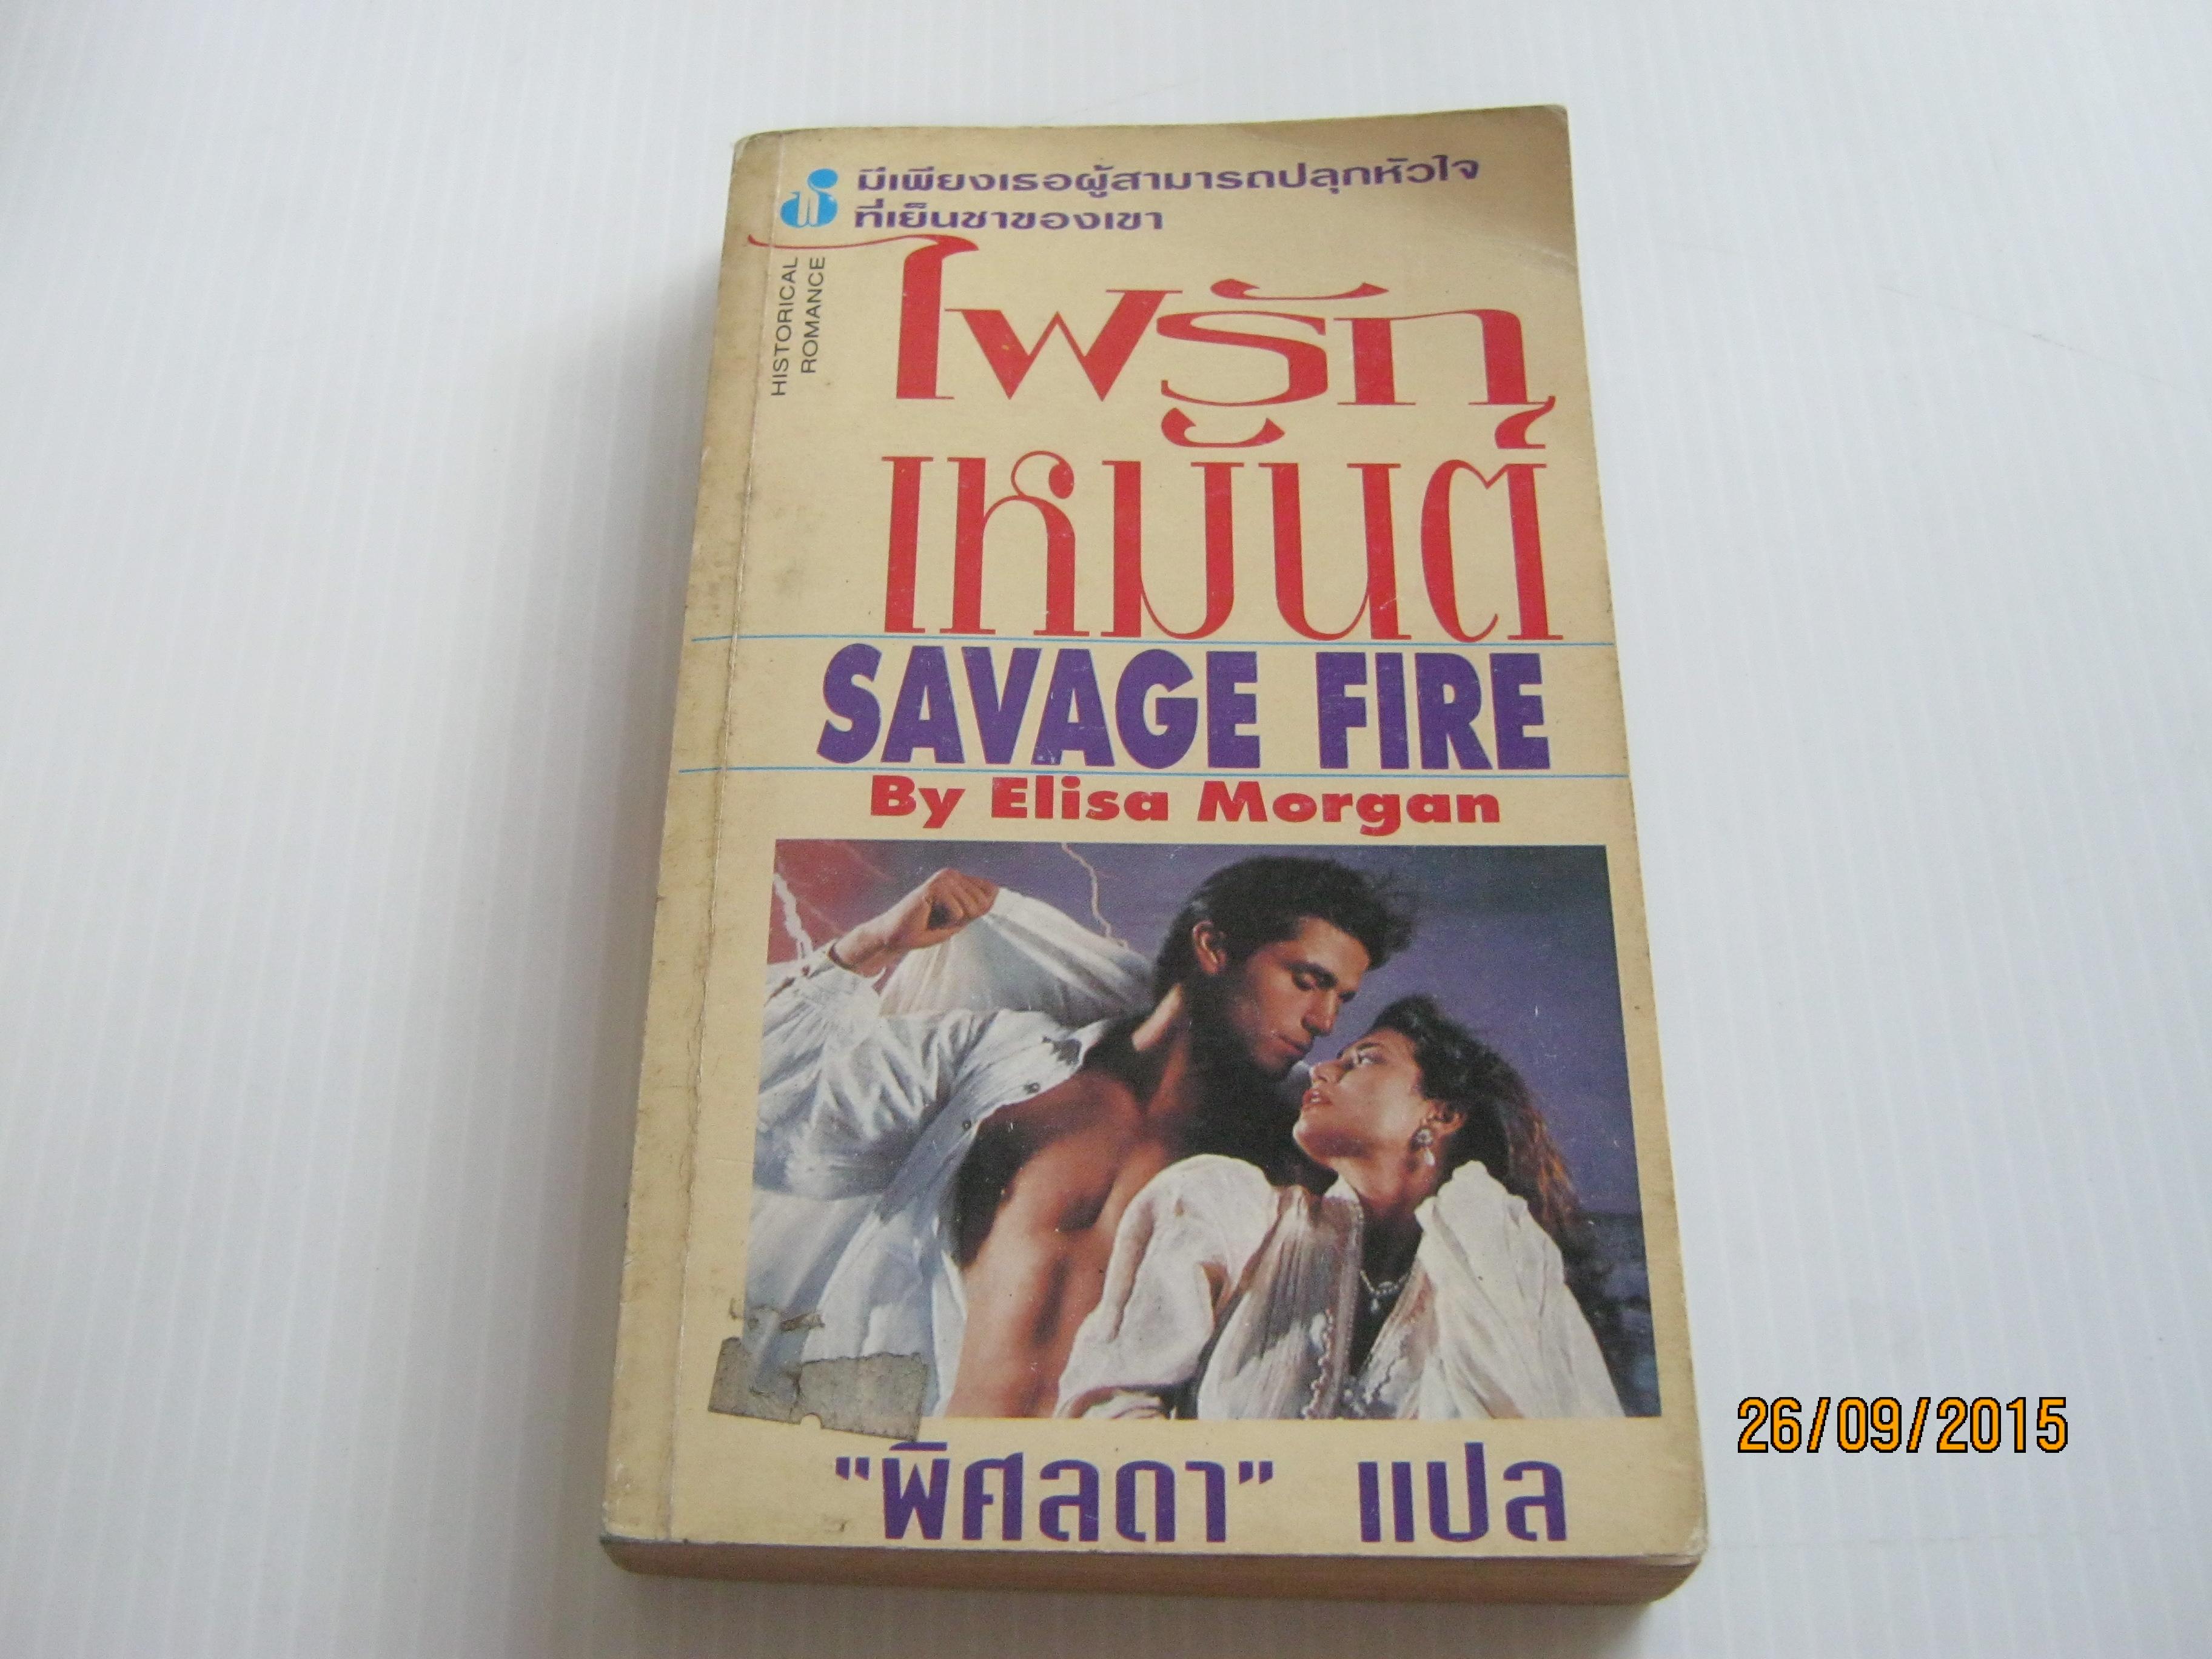 ไฟรักเหมันต์ (Savage Fire) Elisa Morgan เขียน พิศลดา แปล